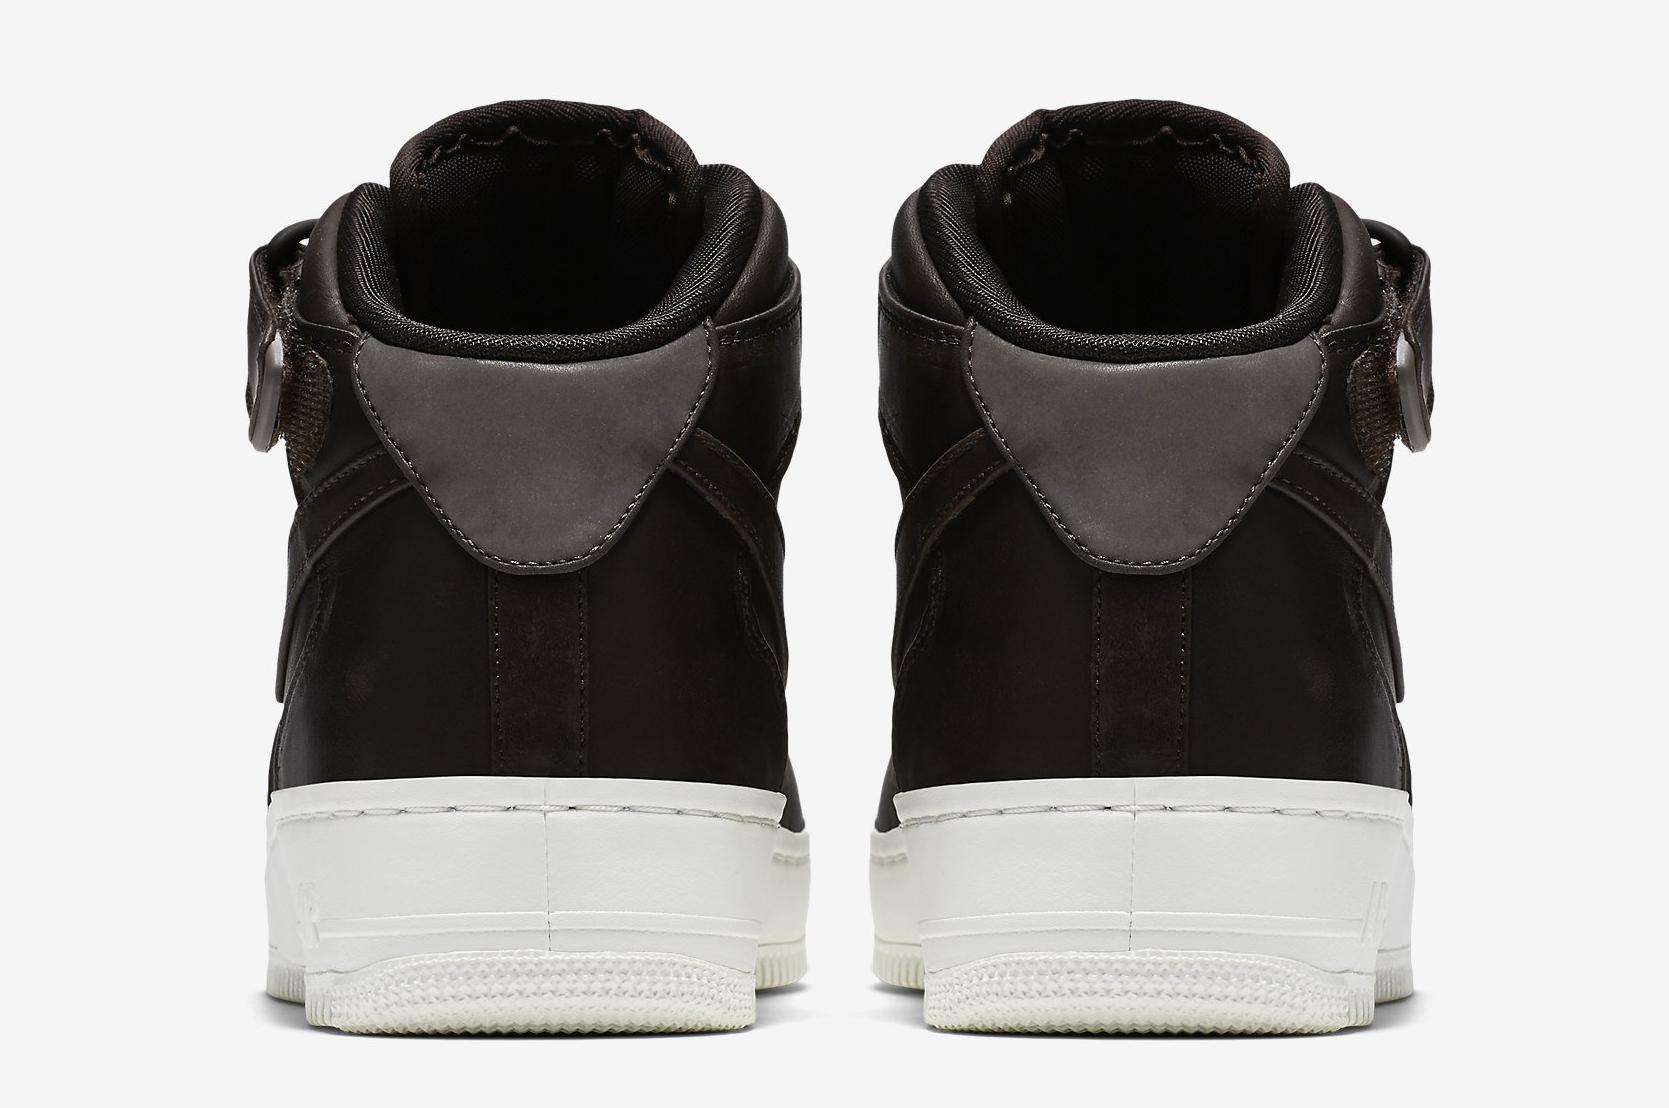 nike-air-force-1-mid-velvet-brown-905619-200-heel